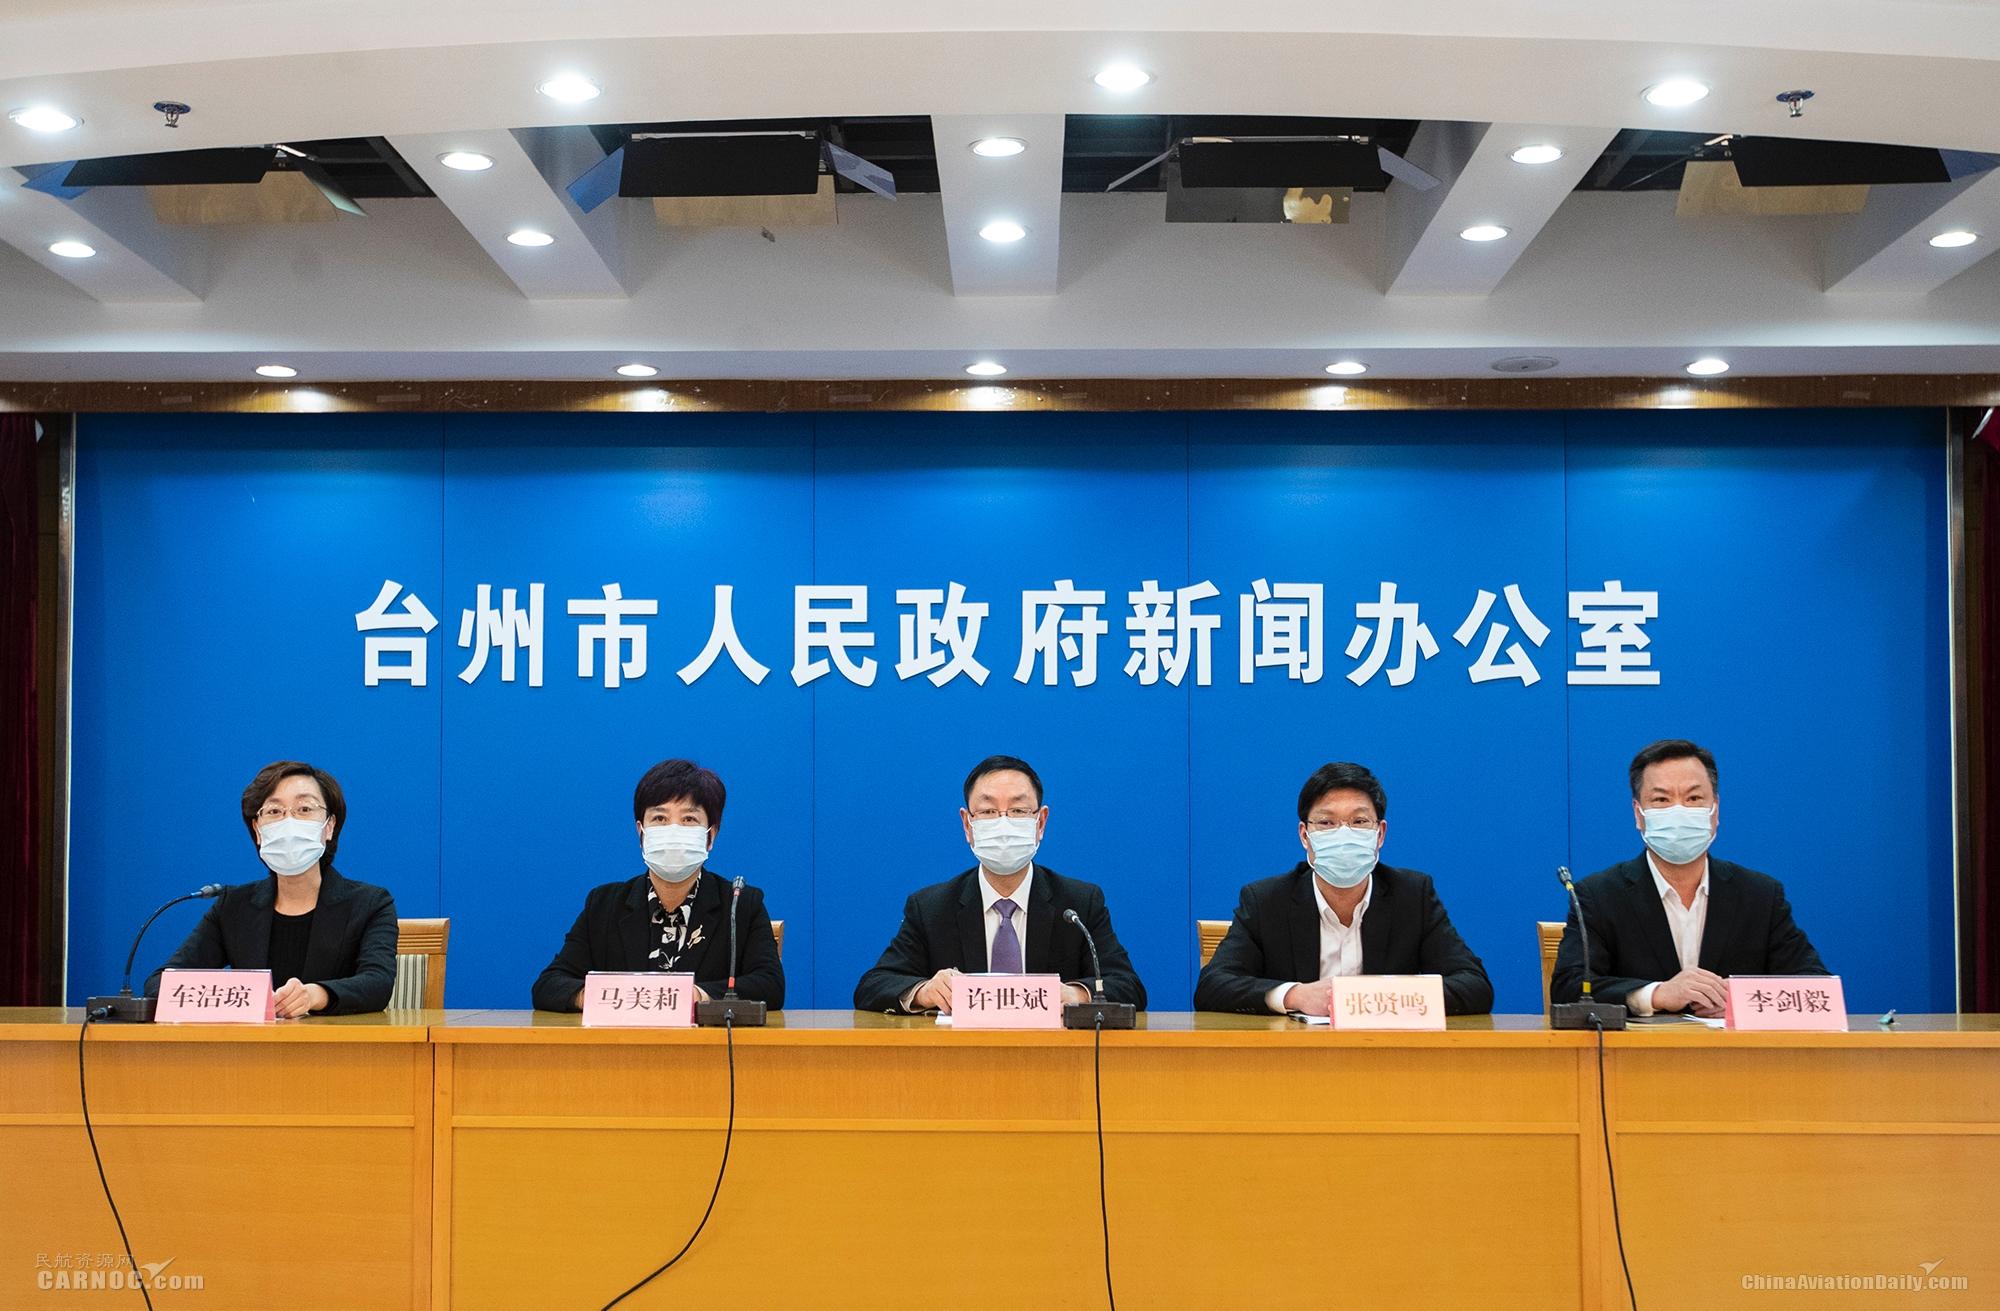 客流量漸增,臺州機場5大舉措積極助力復工復產!